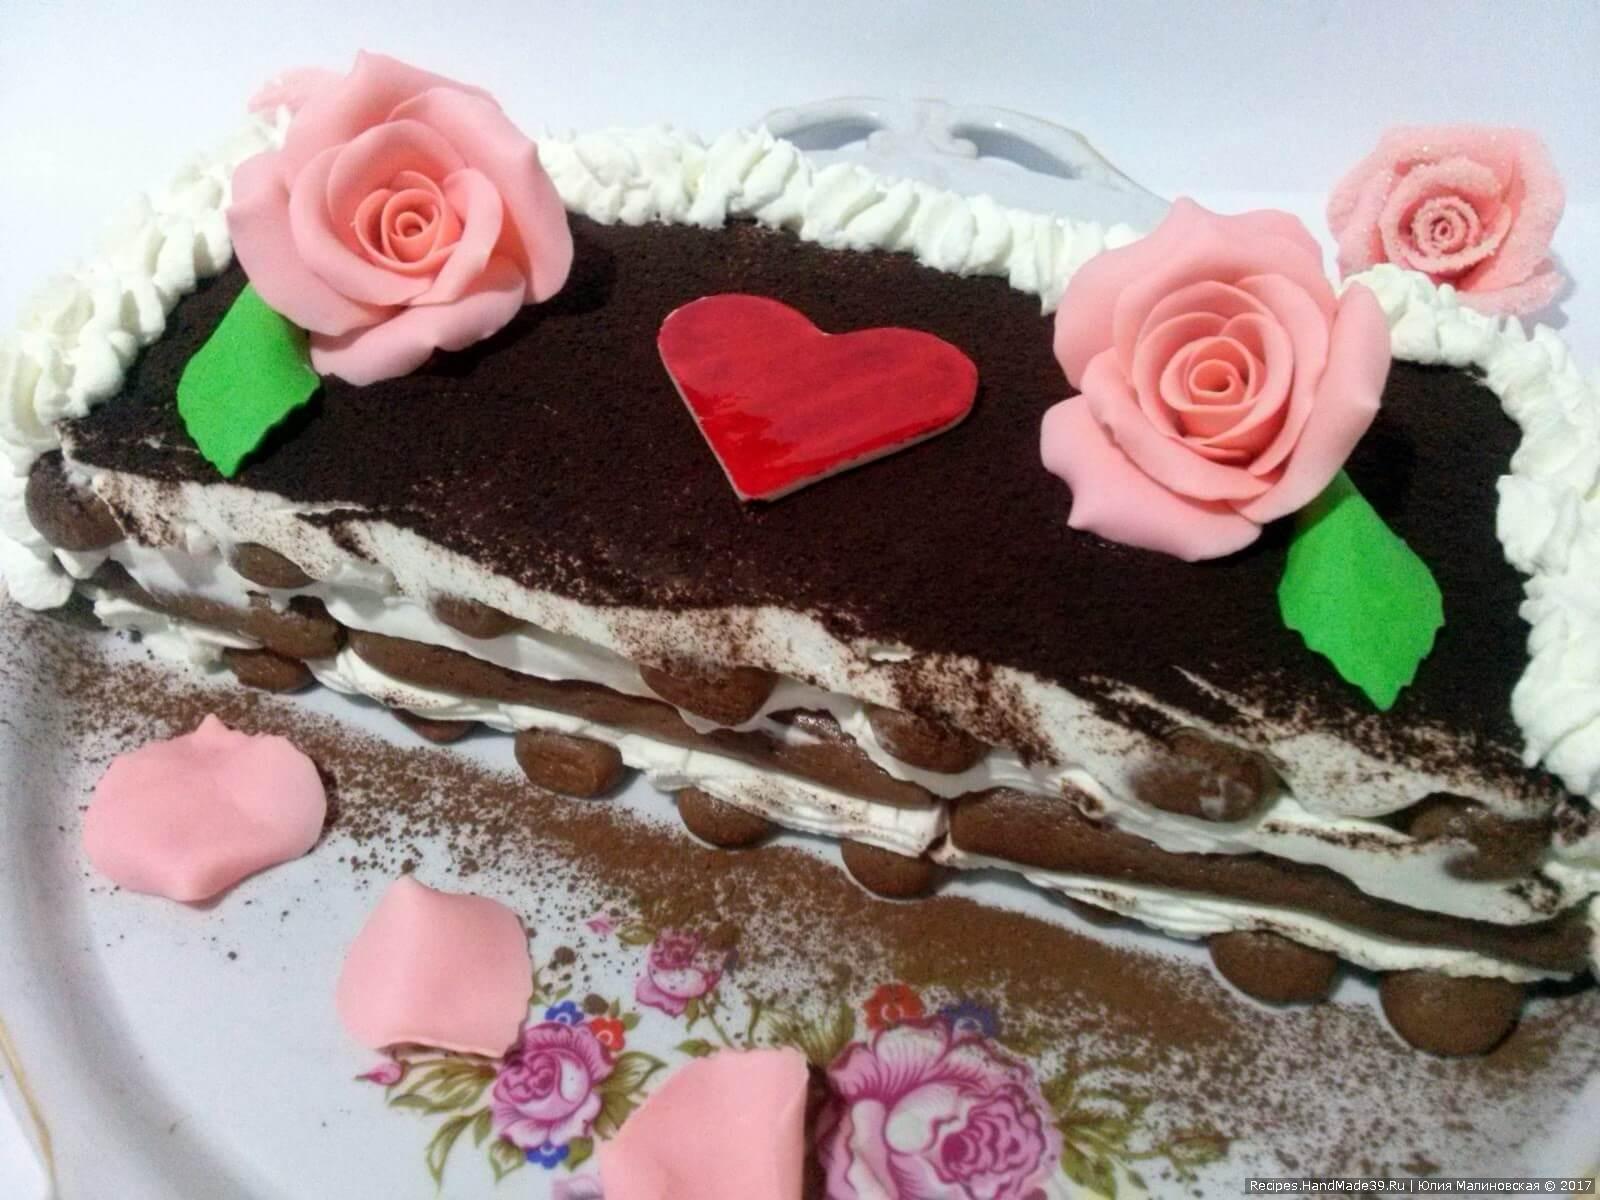 Украсить десерт по своему желанию. Например, мастичным сердечком и розочками. Приятного аппетита! Подарите себе и своим близким вкус Италии!